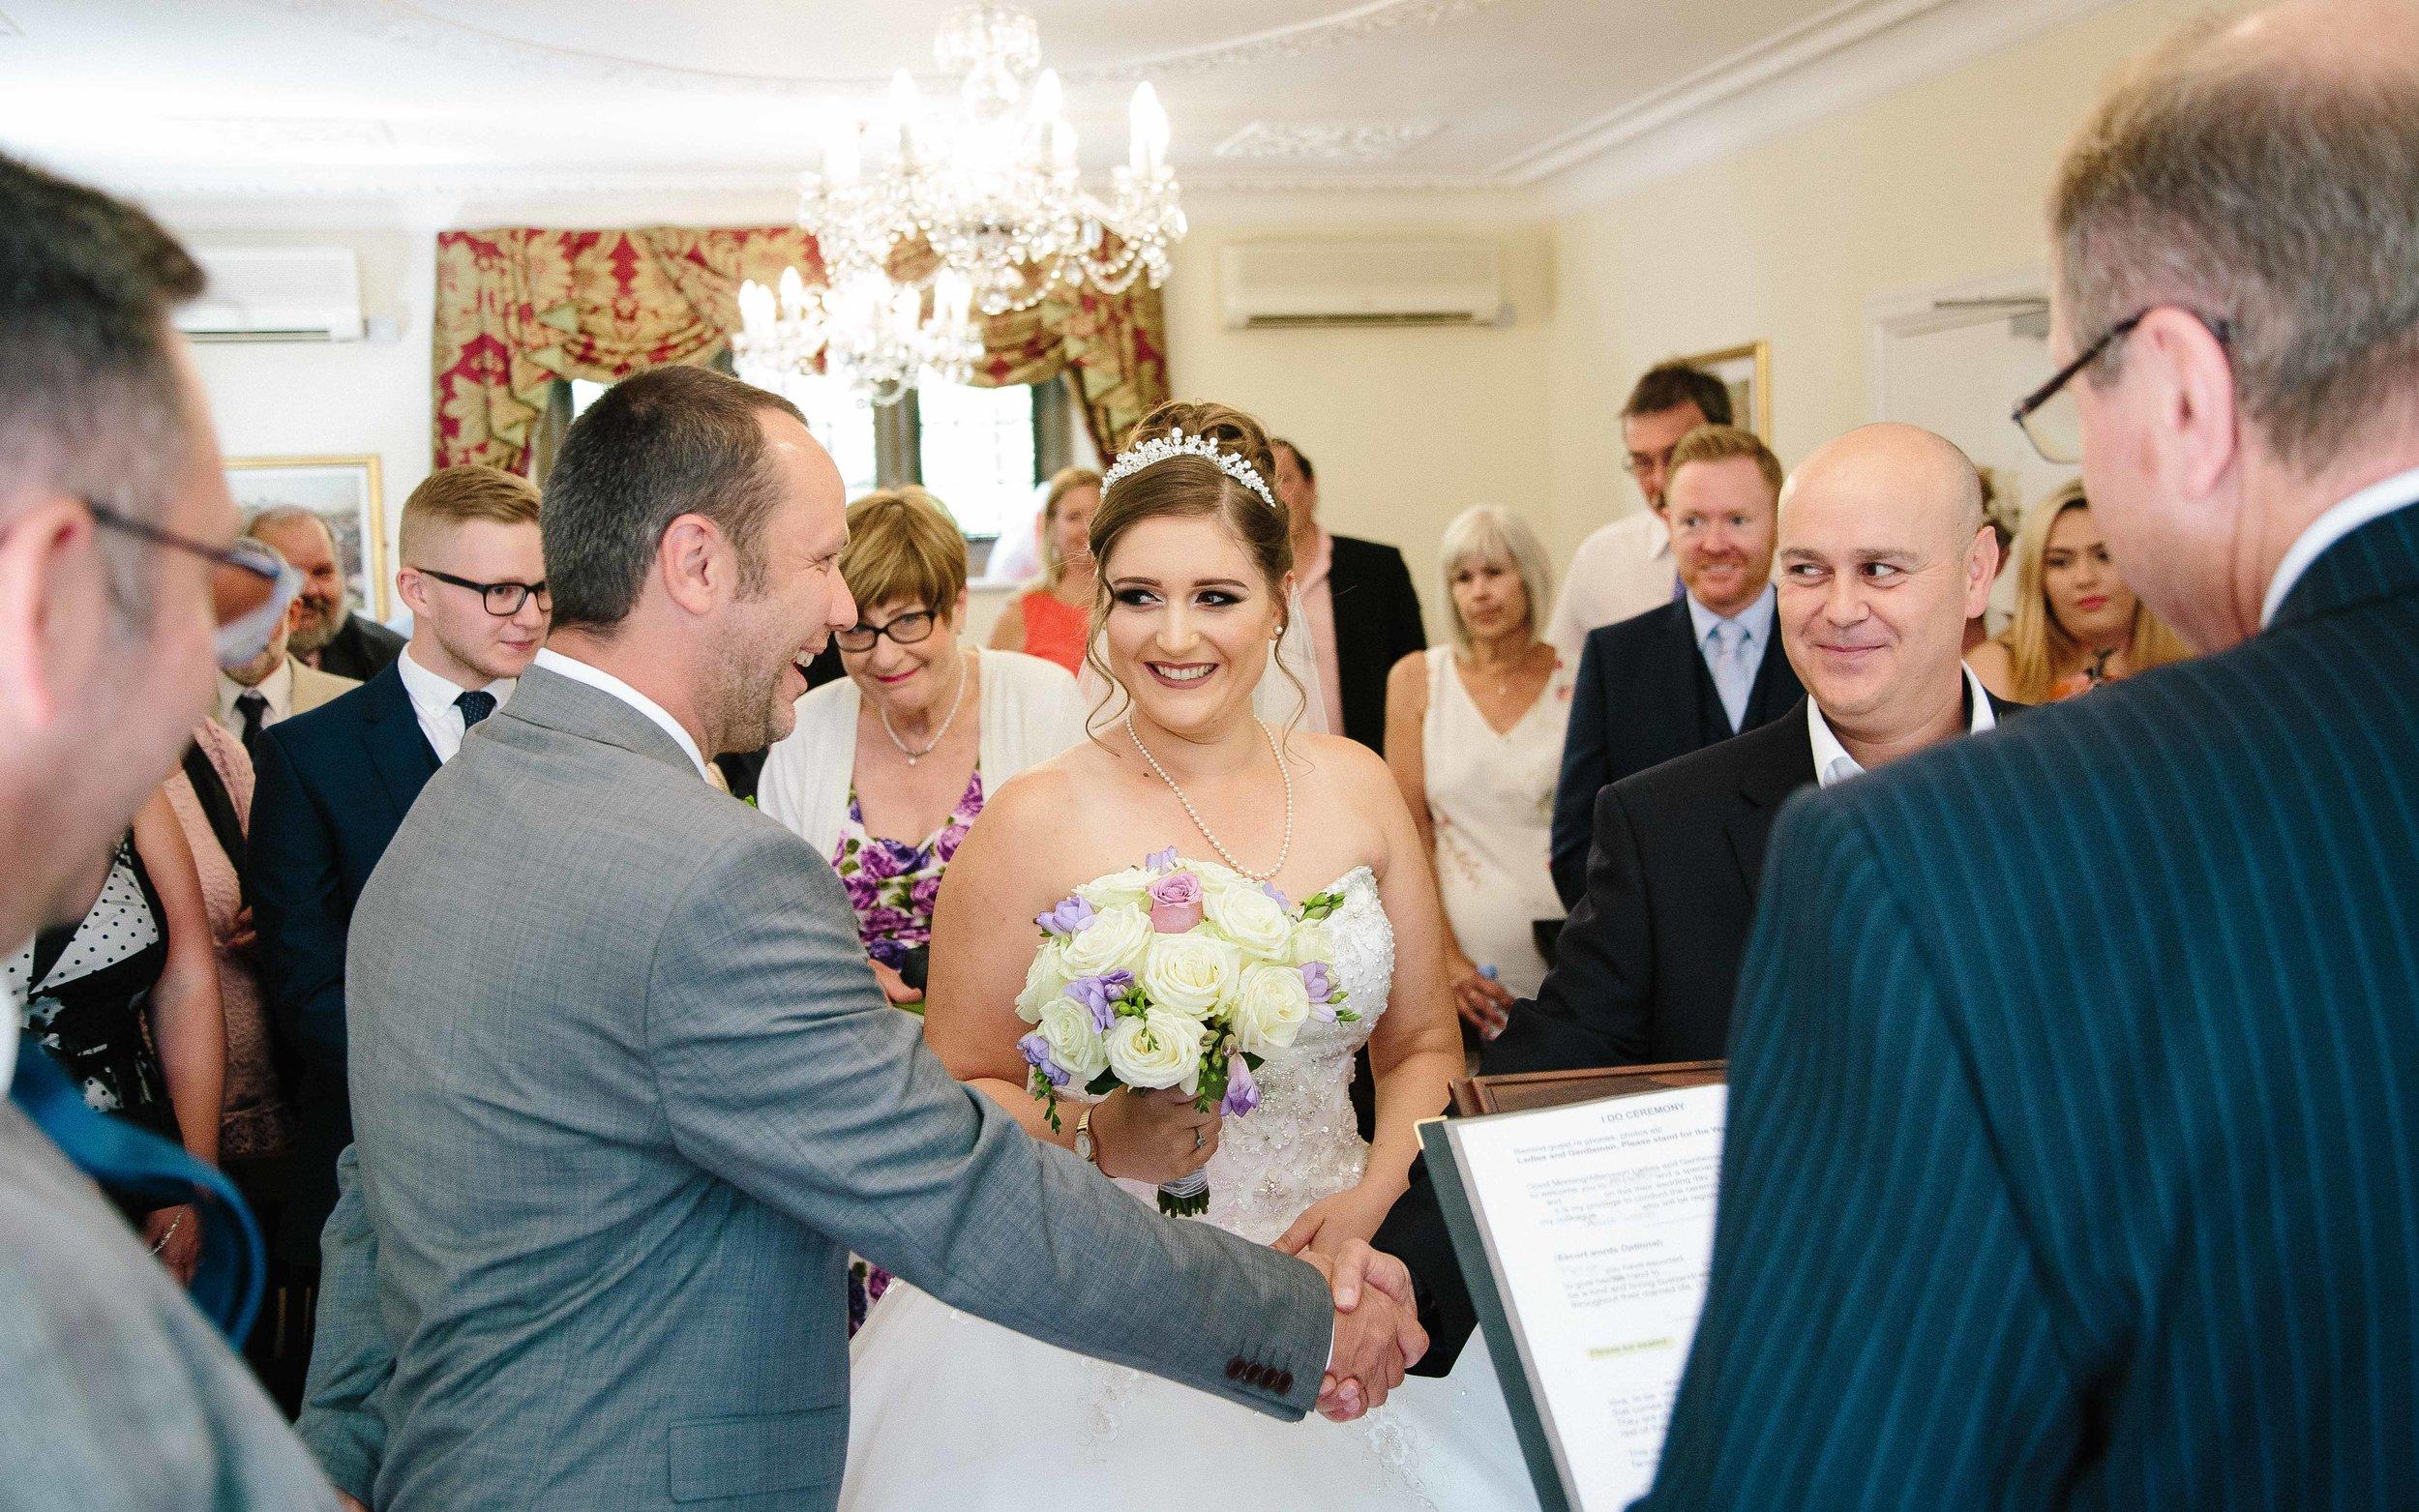 HamptonCourt-Wedding-Weybridge-Surrey-London-OatlandsParkHotel-27